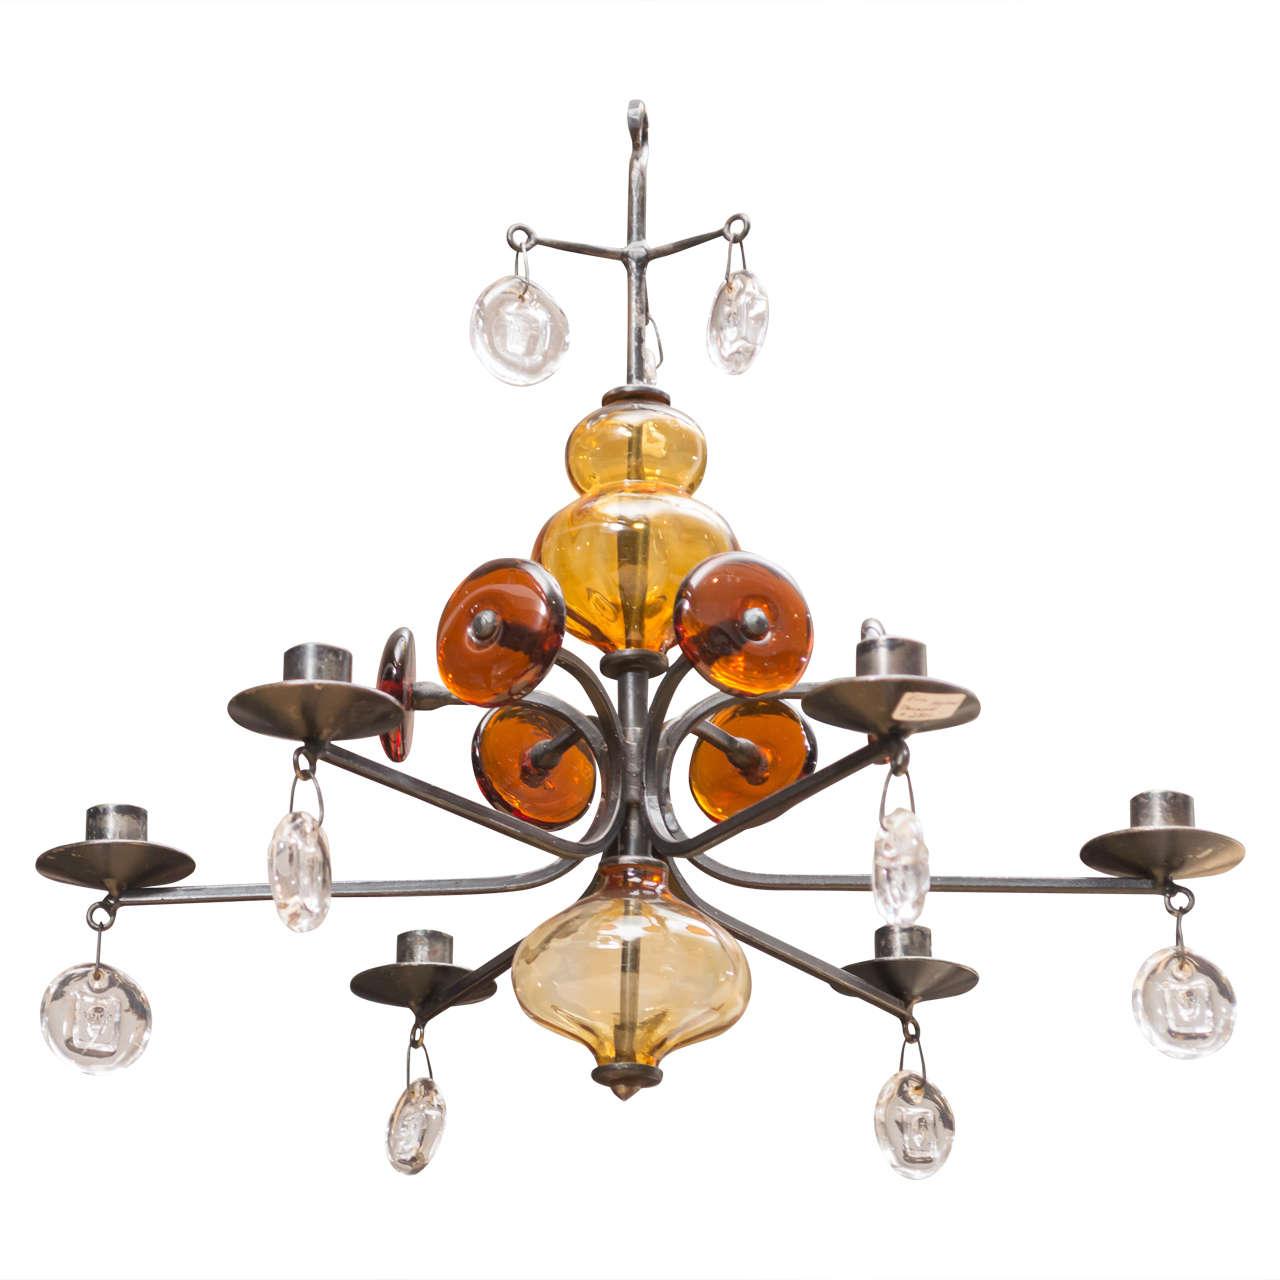 Erik hoglund six light chandelier at 1stdibs erik hoglund six light chandelier for sale mozeypictures Gallery